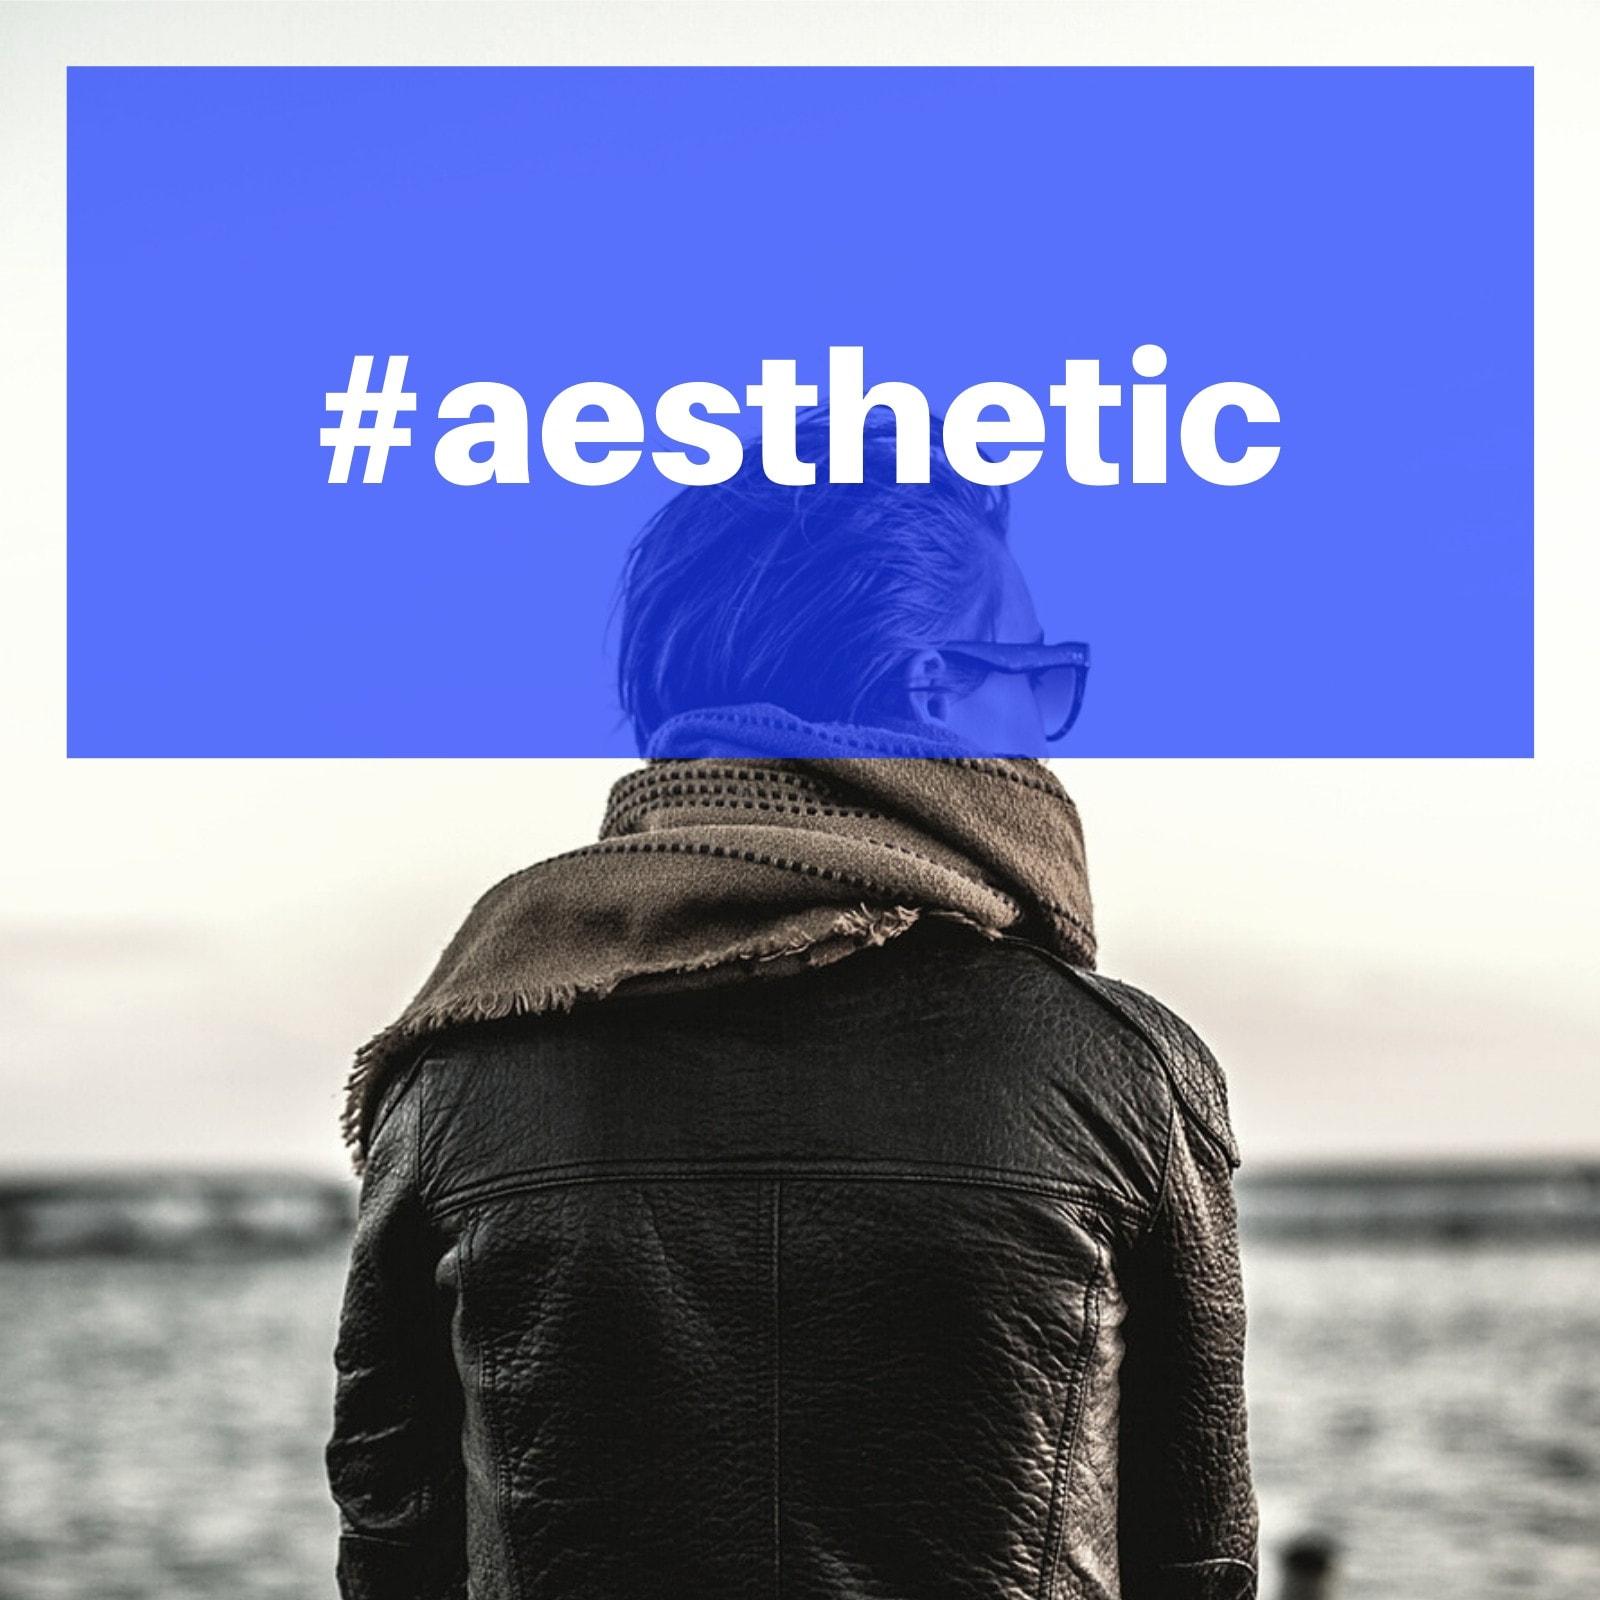 Basic Aesthetic iPhone Layout